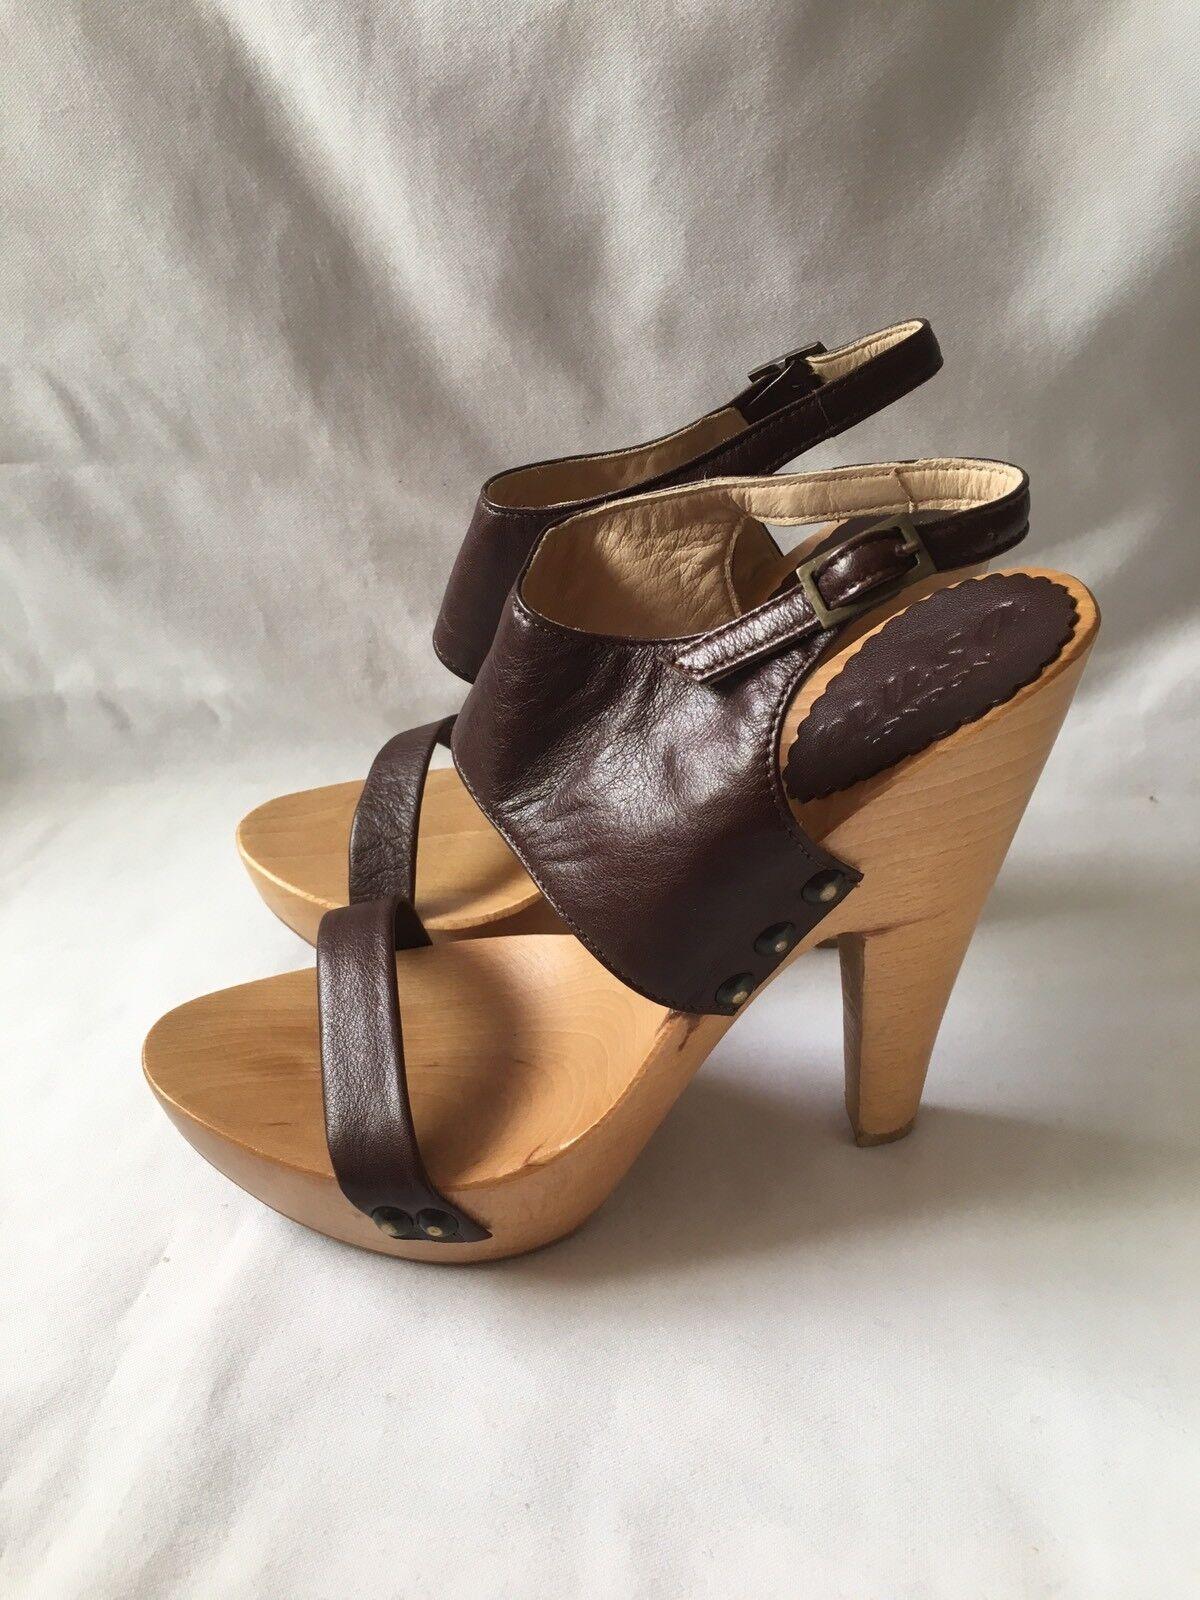 New Musa London ladies wooden platform sandals & braun Leather Größe UK6(39) Box